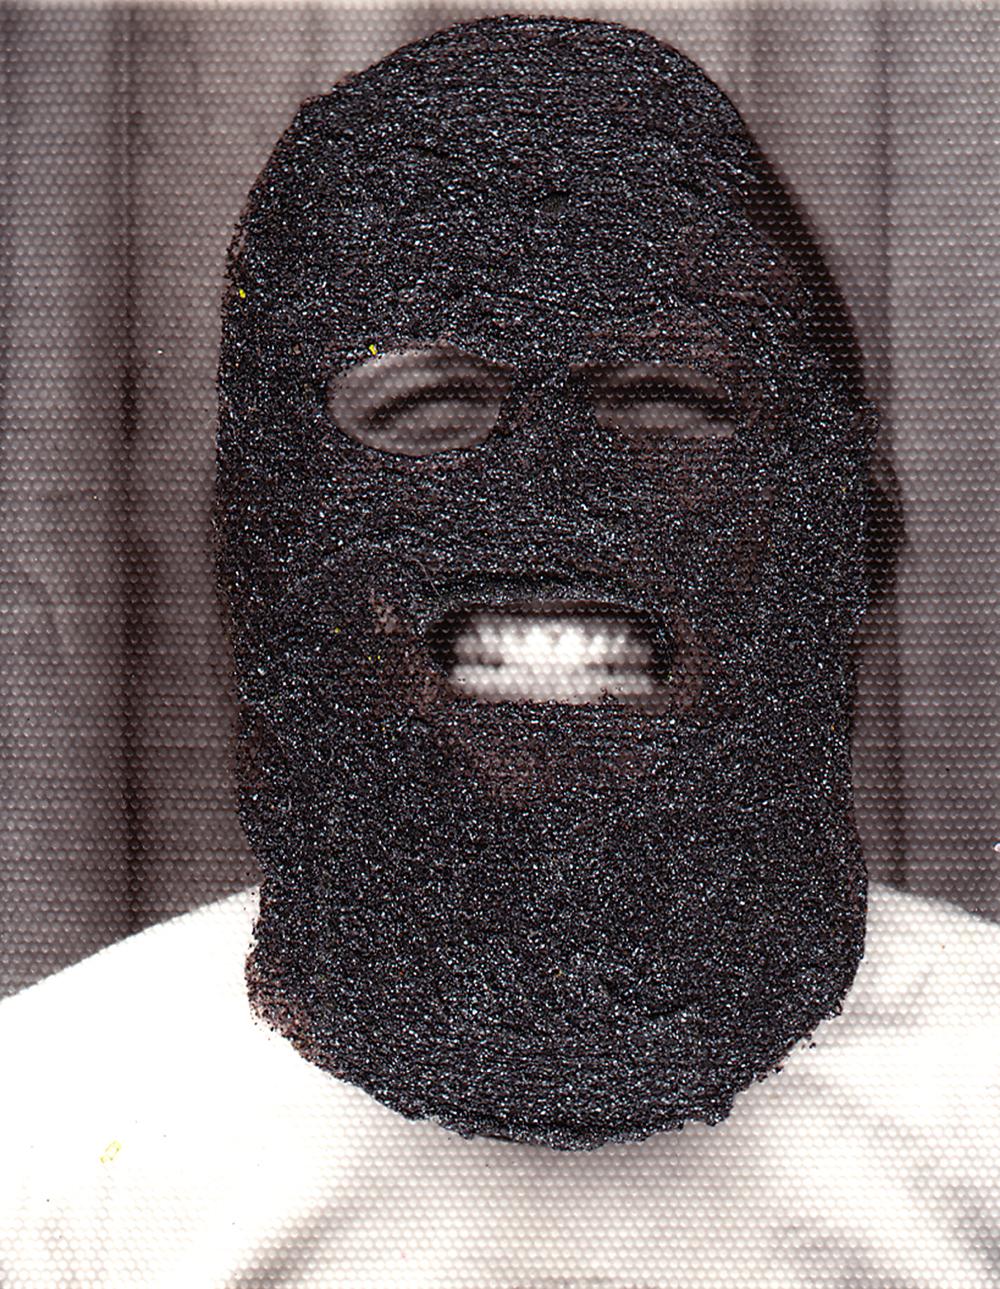 Terrorist 2006